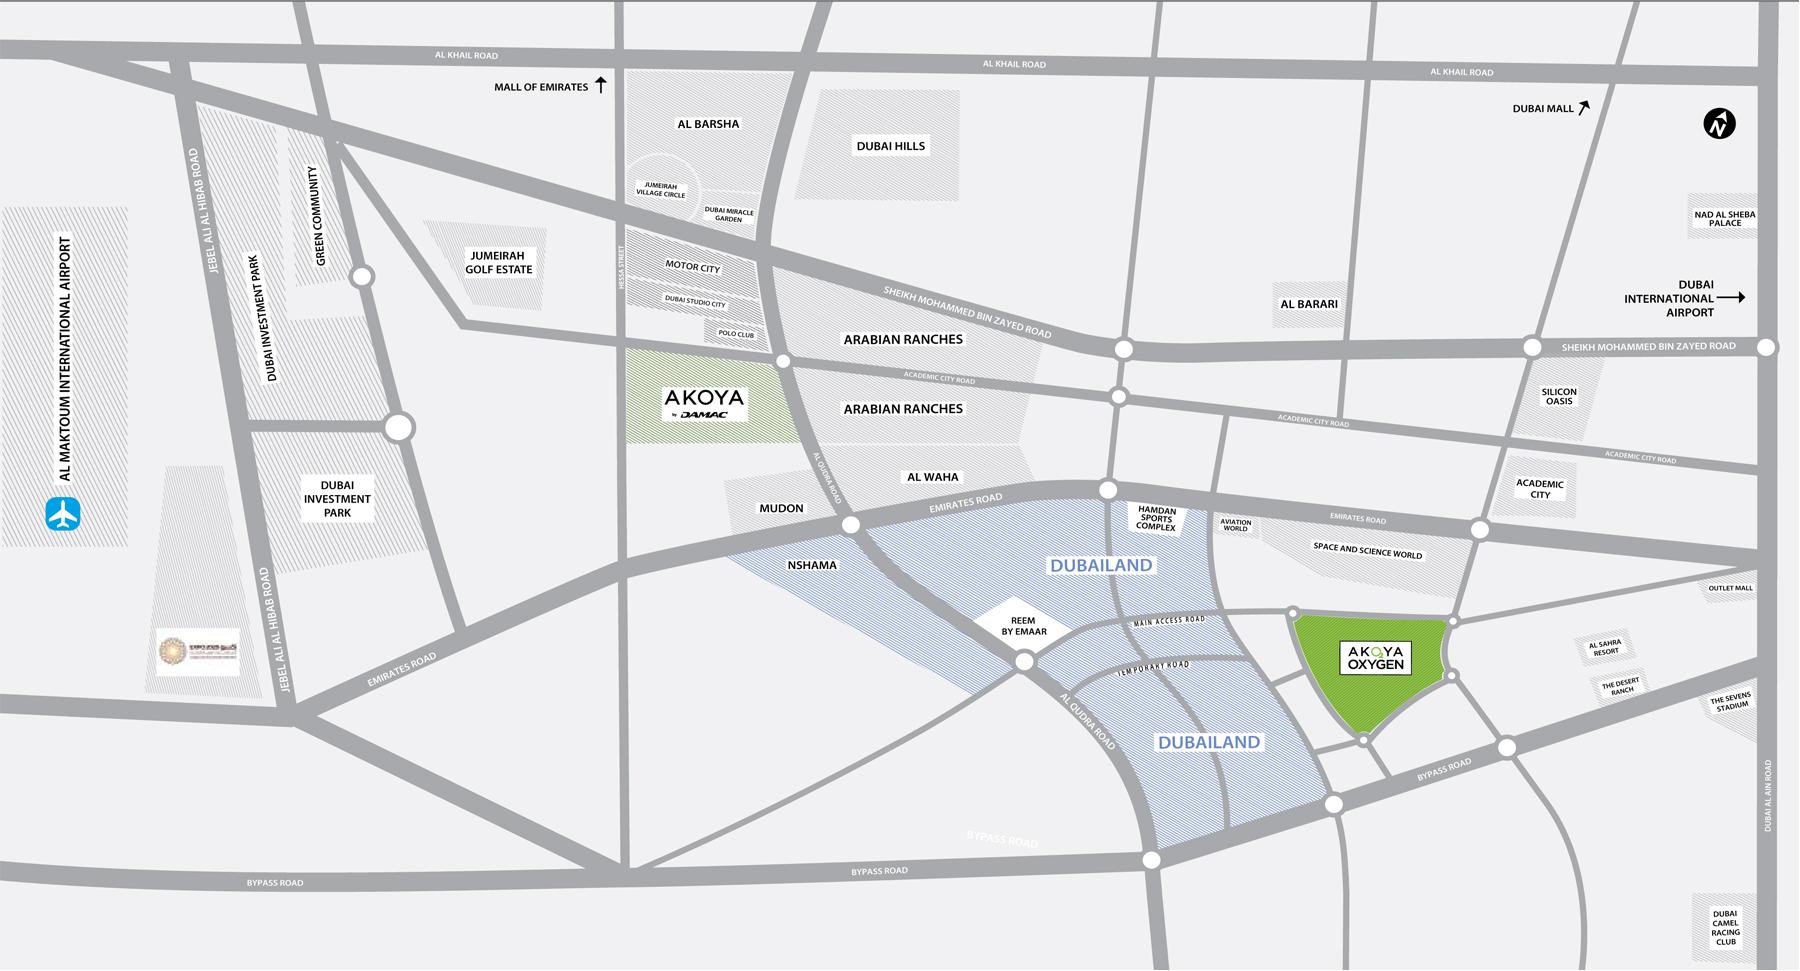 فلل-اكويا-كواترو خريطة الموقع